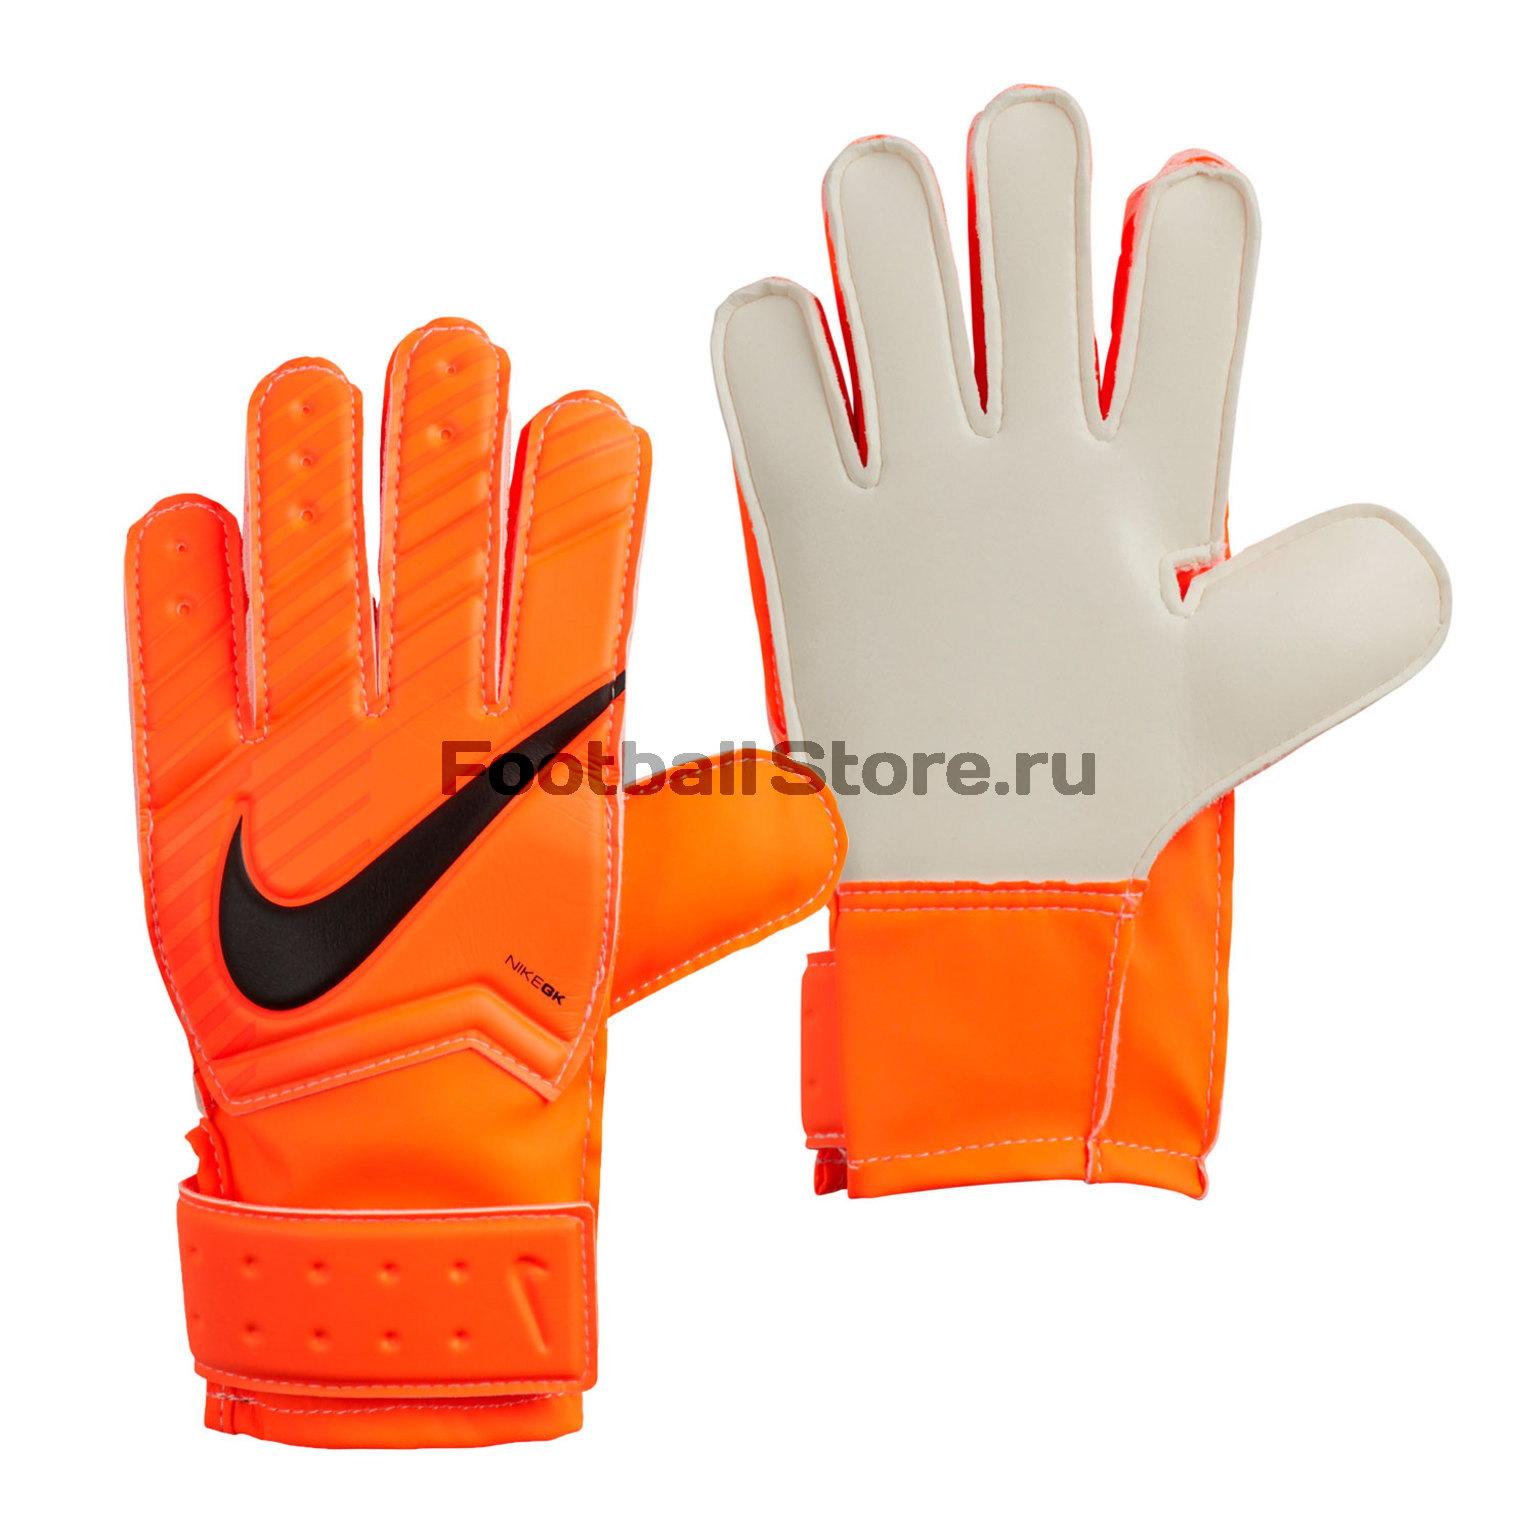 Перчатки вратарские Nike GK Match JR GS0343-803 детские бутсы nike бутсы nike jr phantom 3 elite df fg ah7292 081